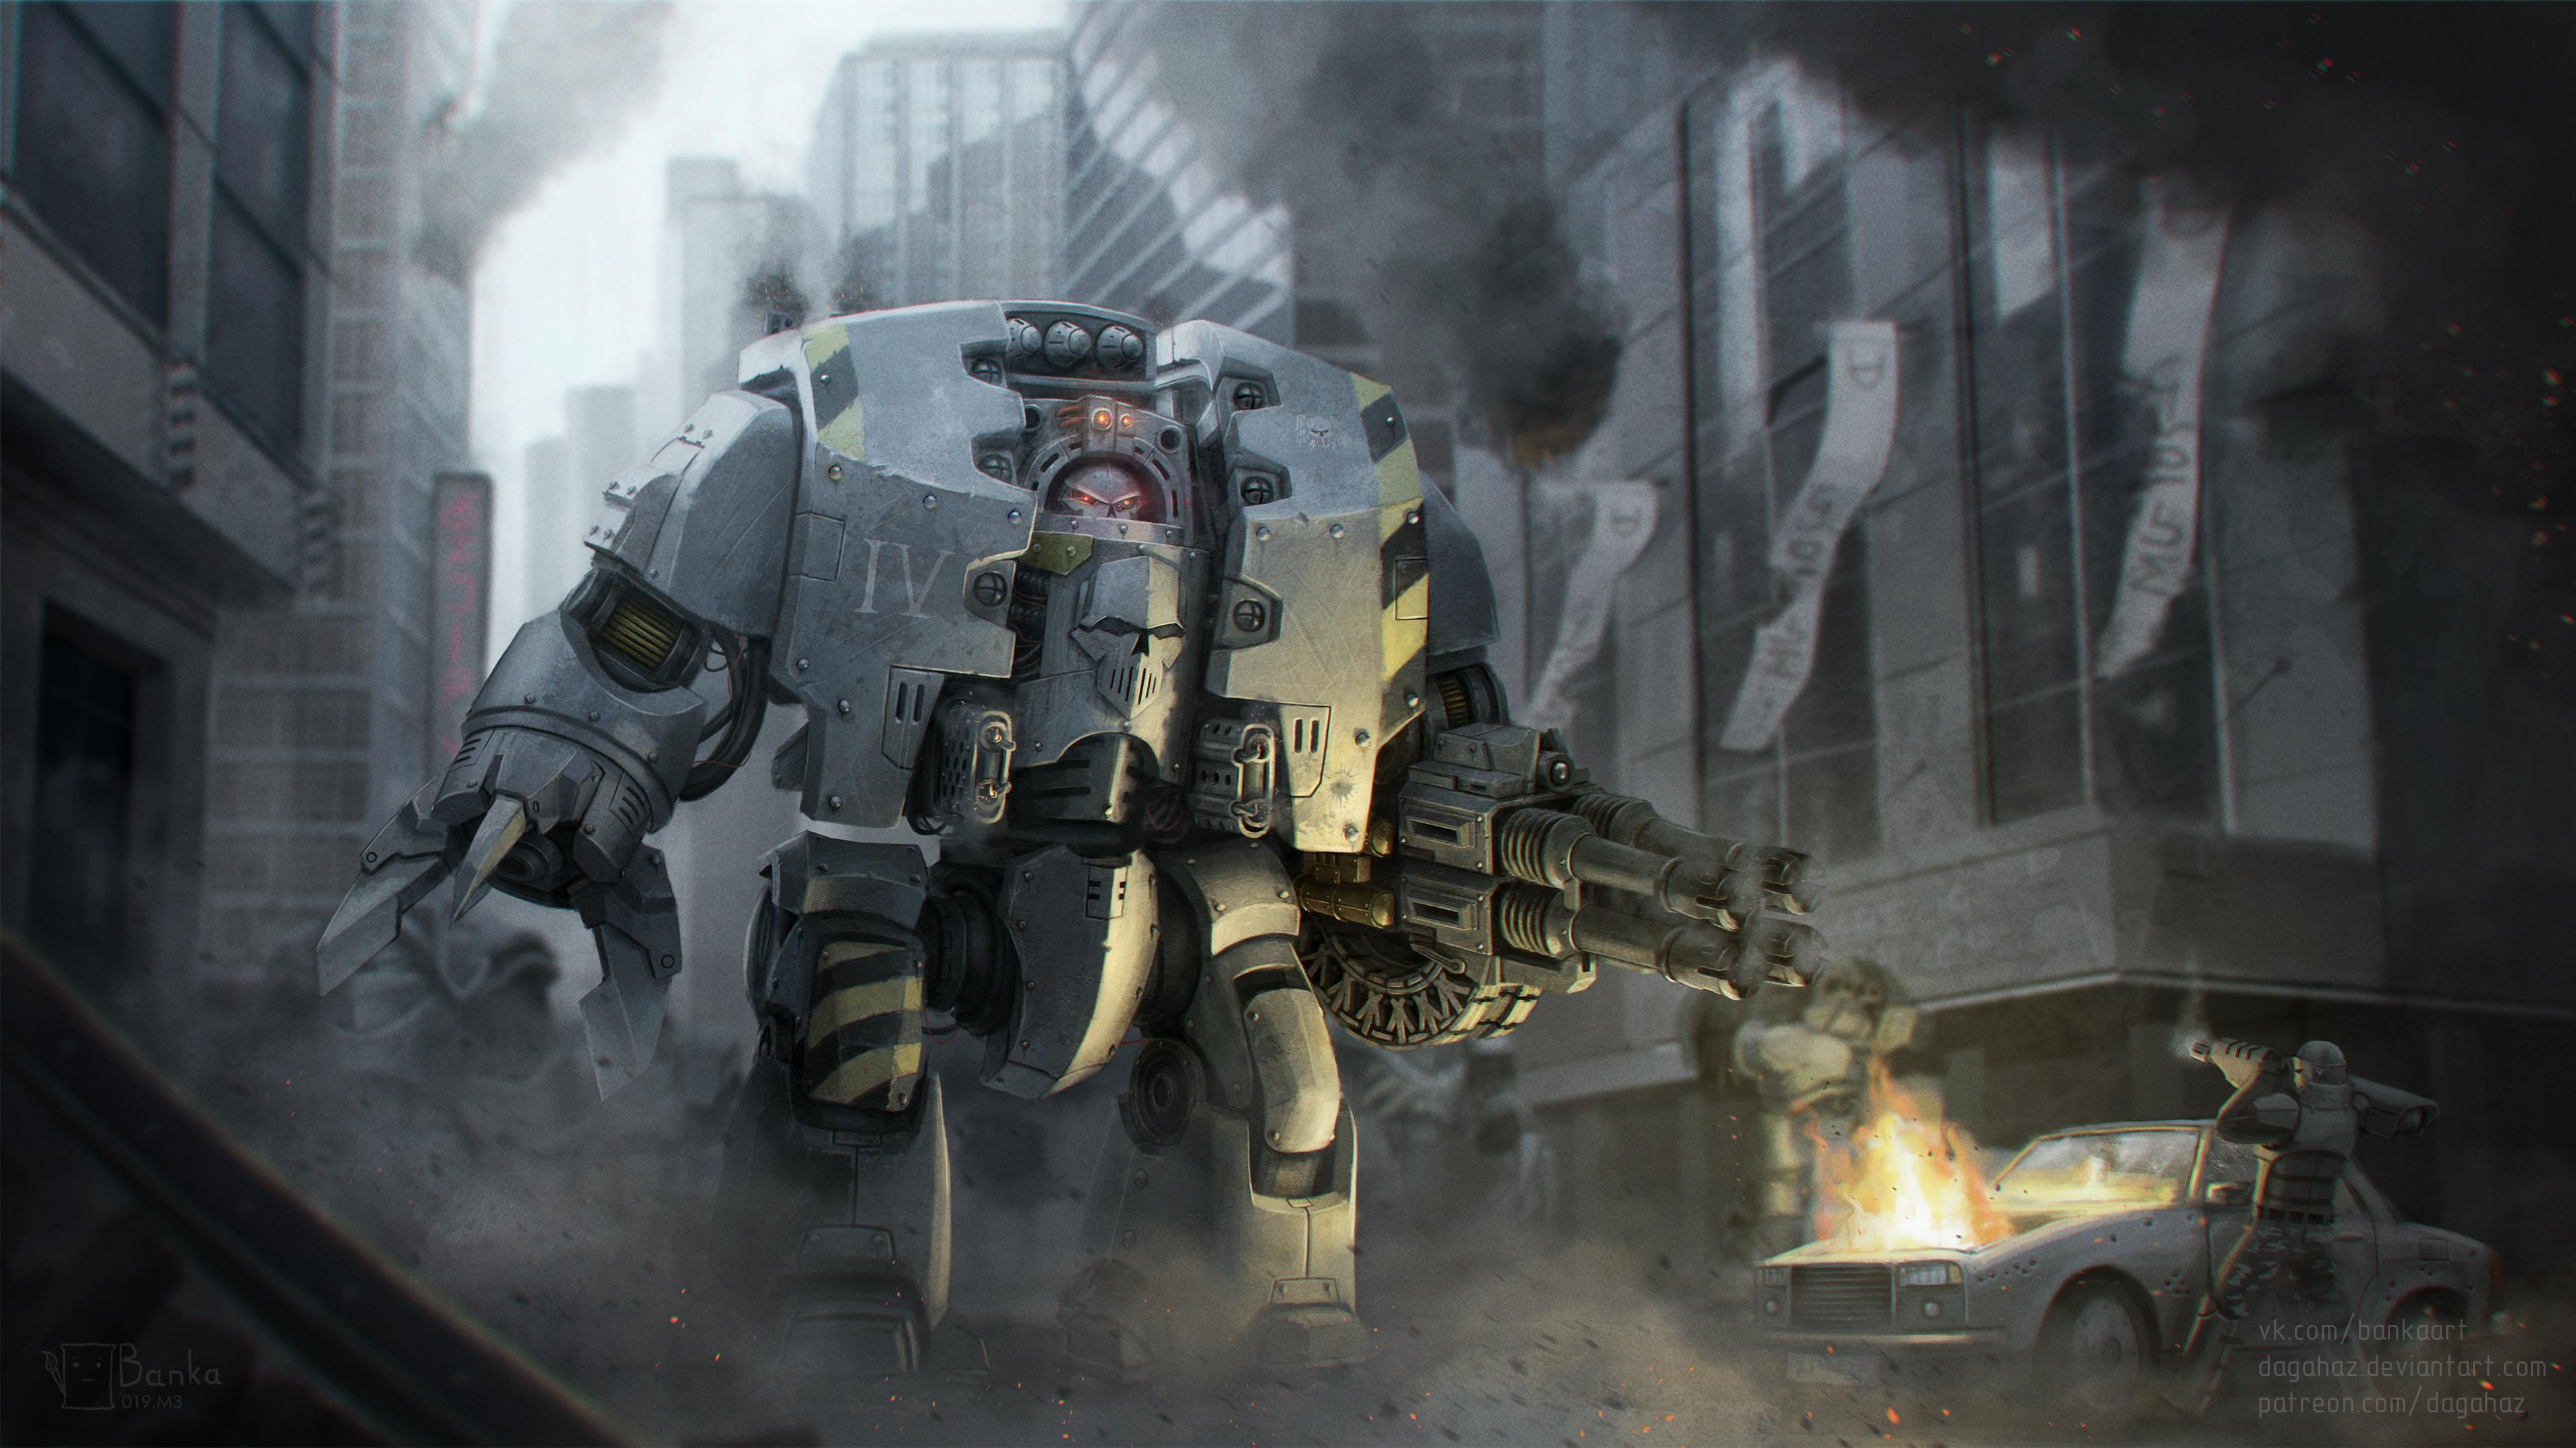 Warhammer 30k - Iron Warriors Leviathan by Dagahaz on DeviantArt